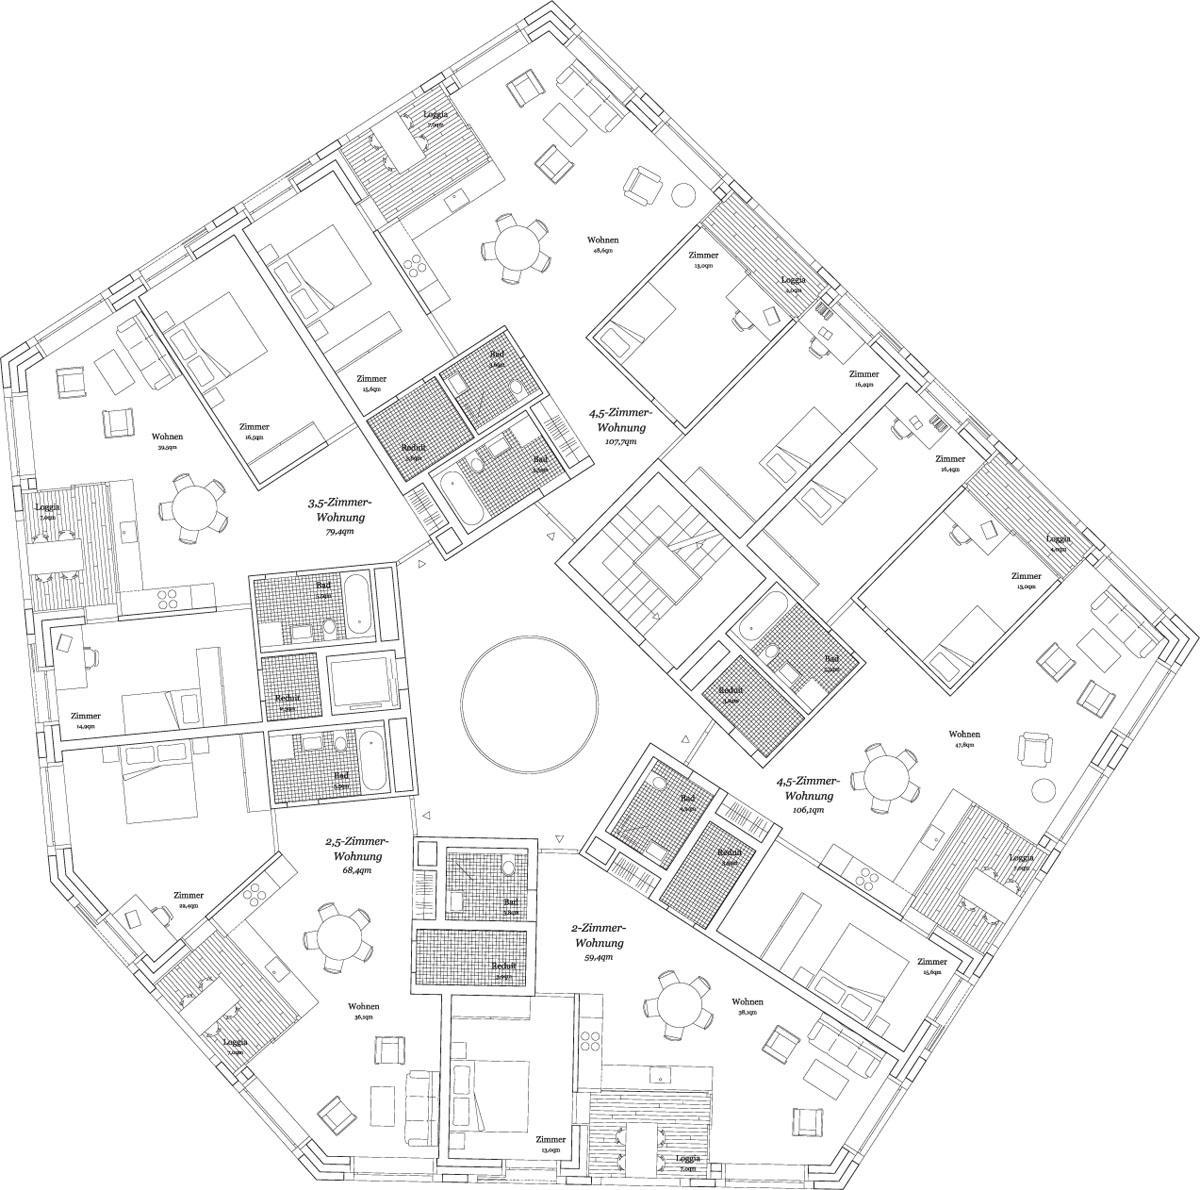 E2a eckert eckert architekten a f a s i a - Architektur plan ...